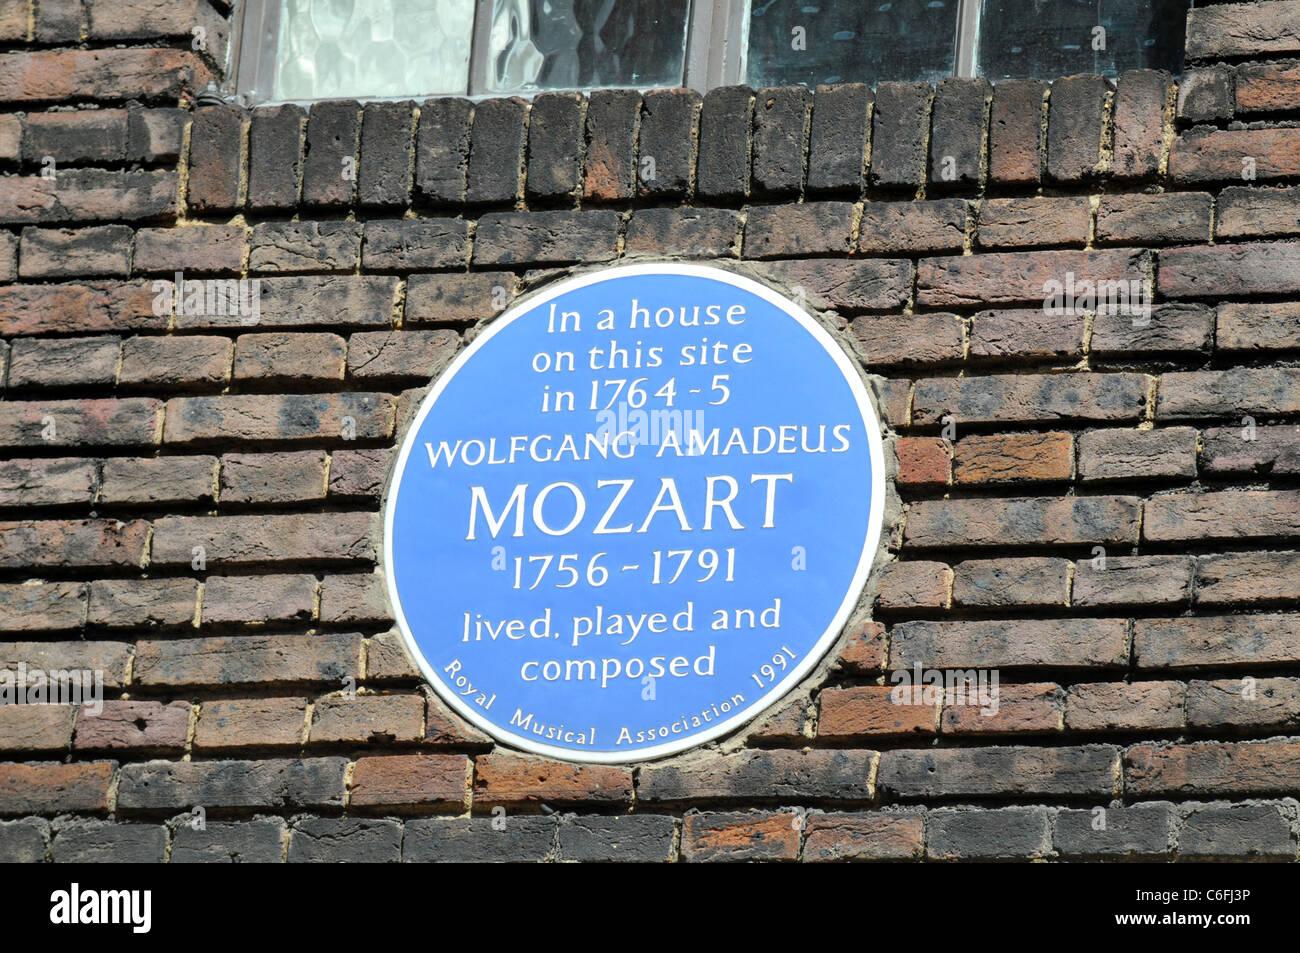 Mozart blue plaque, Wolfgang Amadeus Mozart, 20 Frith Street, Soho, London, Britain, UK - Stock Image